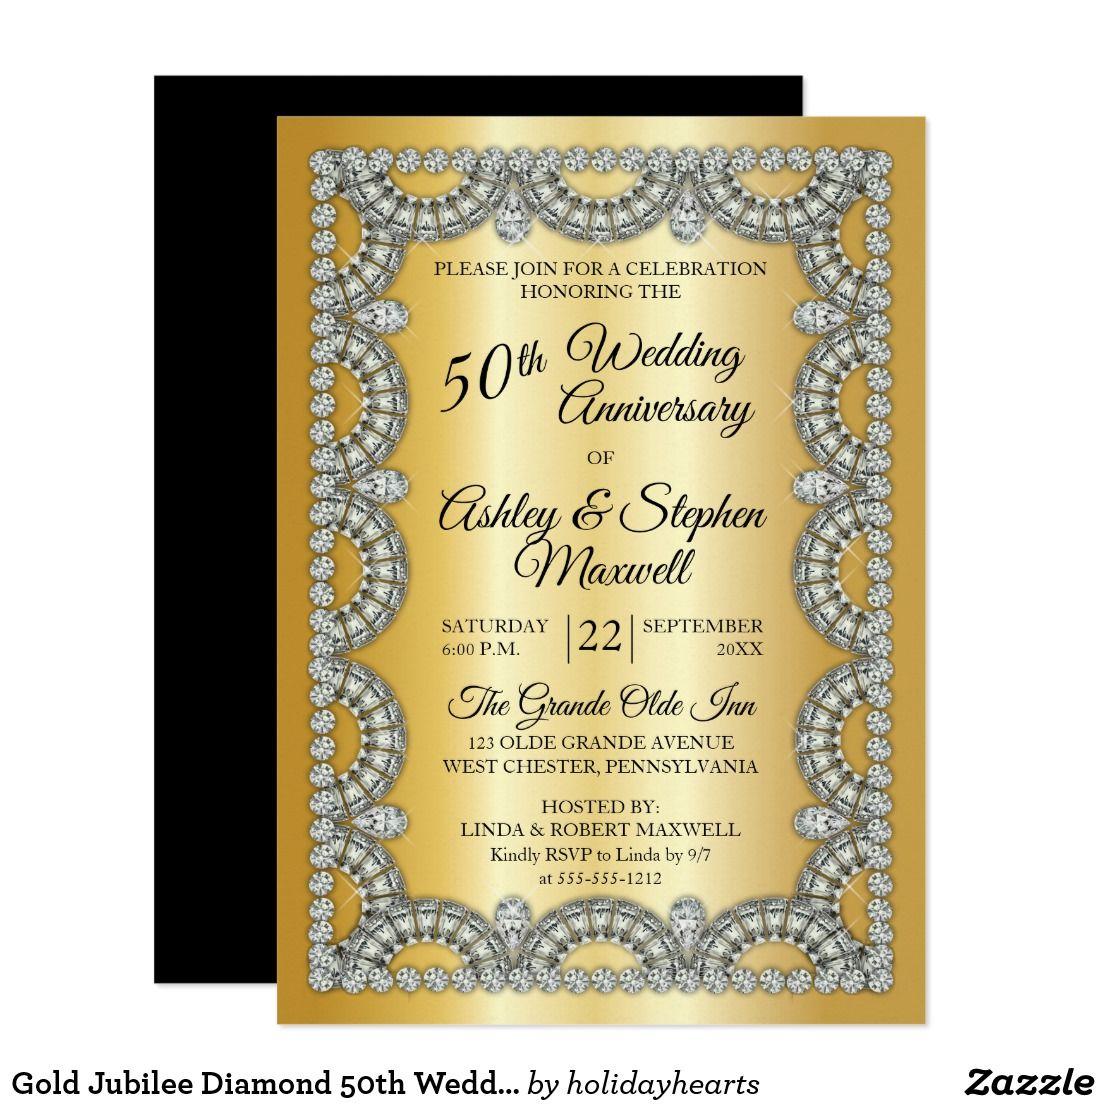 Gold Jubilee Diamond 50th Wedding Anniversary Invitation Zazzle